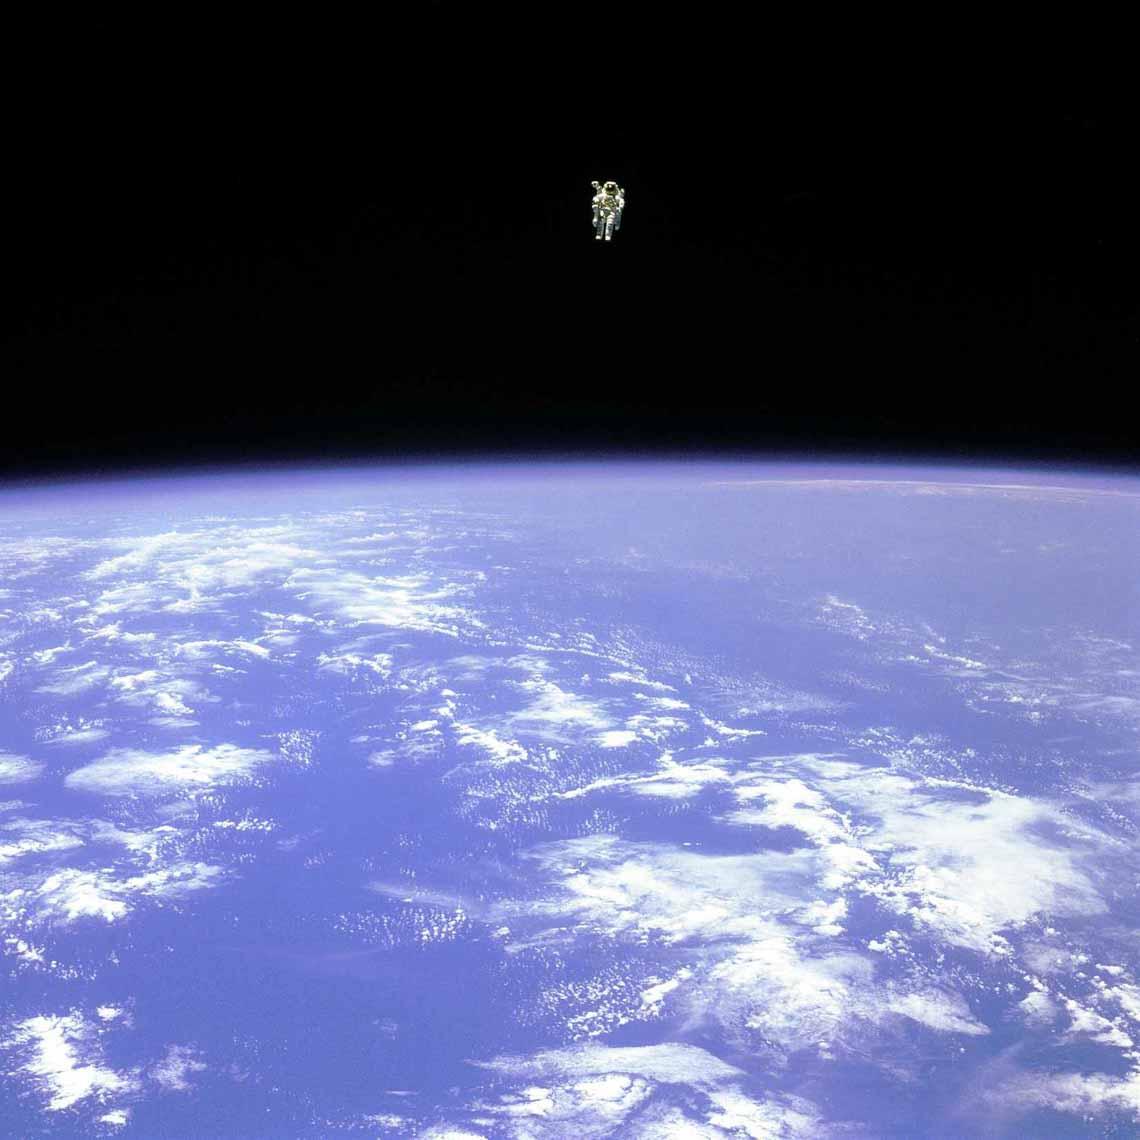 Tổng hợp những bức ảnh kinh ngạc về Trái Đất dưới góc nhìn ngoài không gian -2